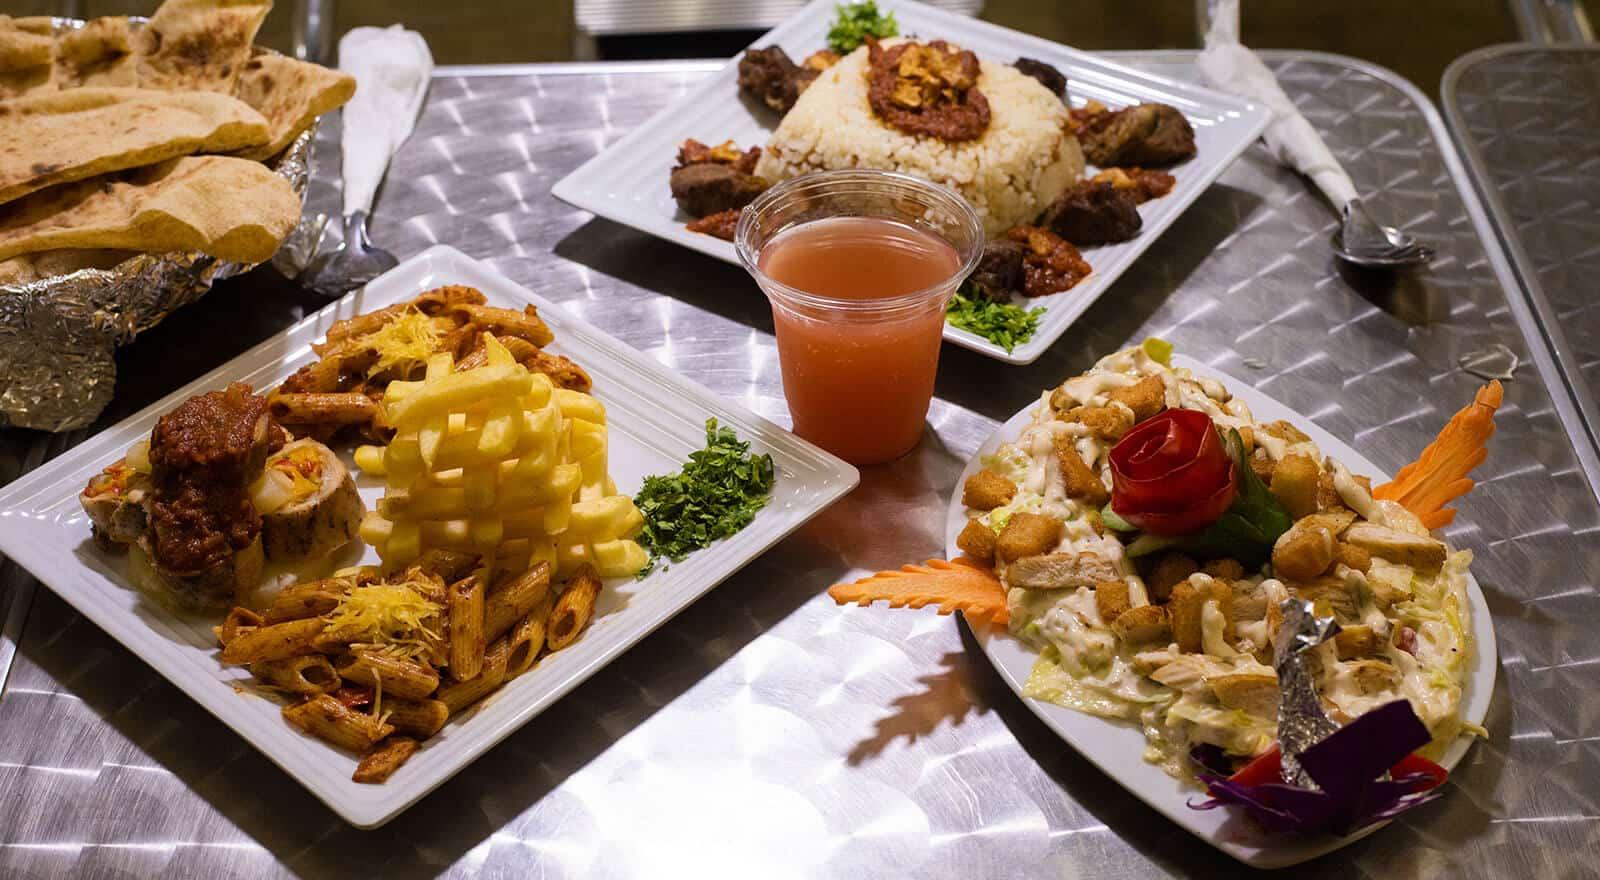 وجبات صحية ضمن البرامج العلاجية